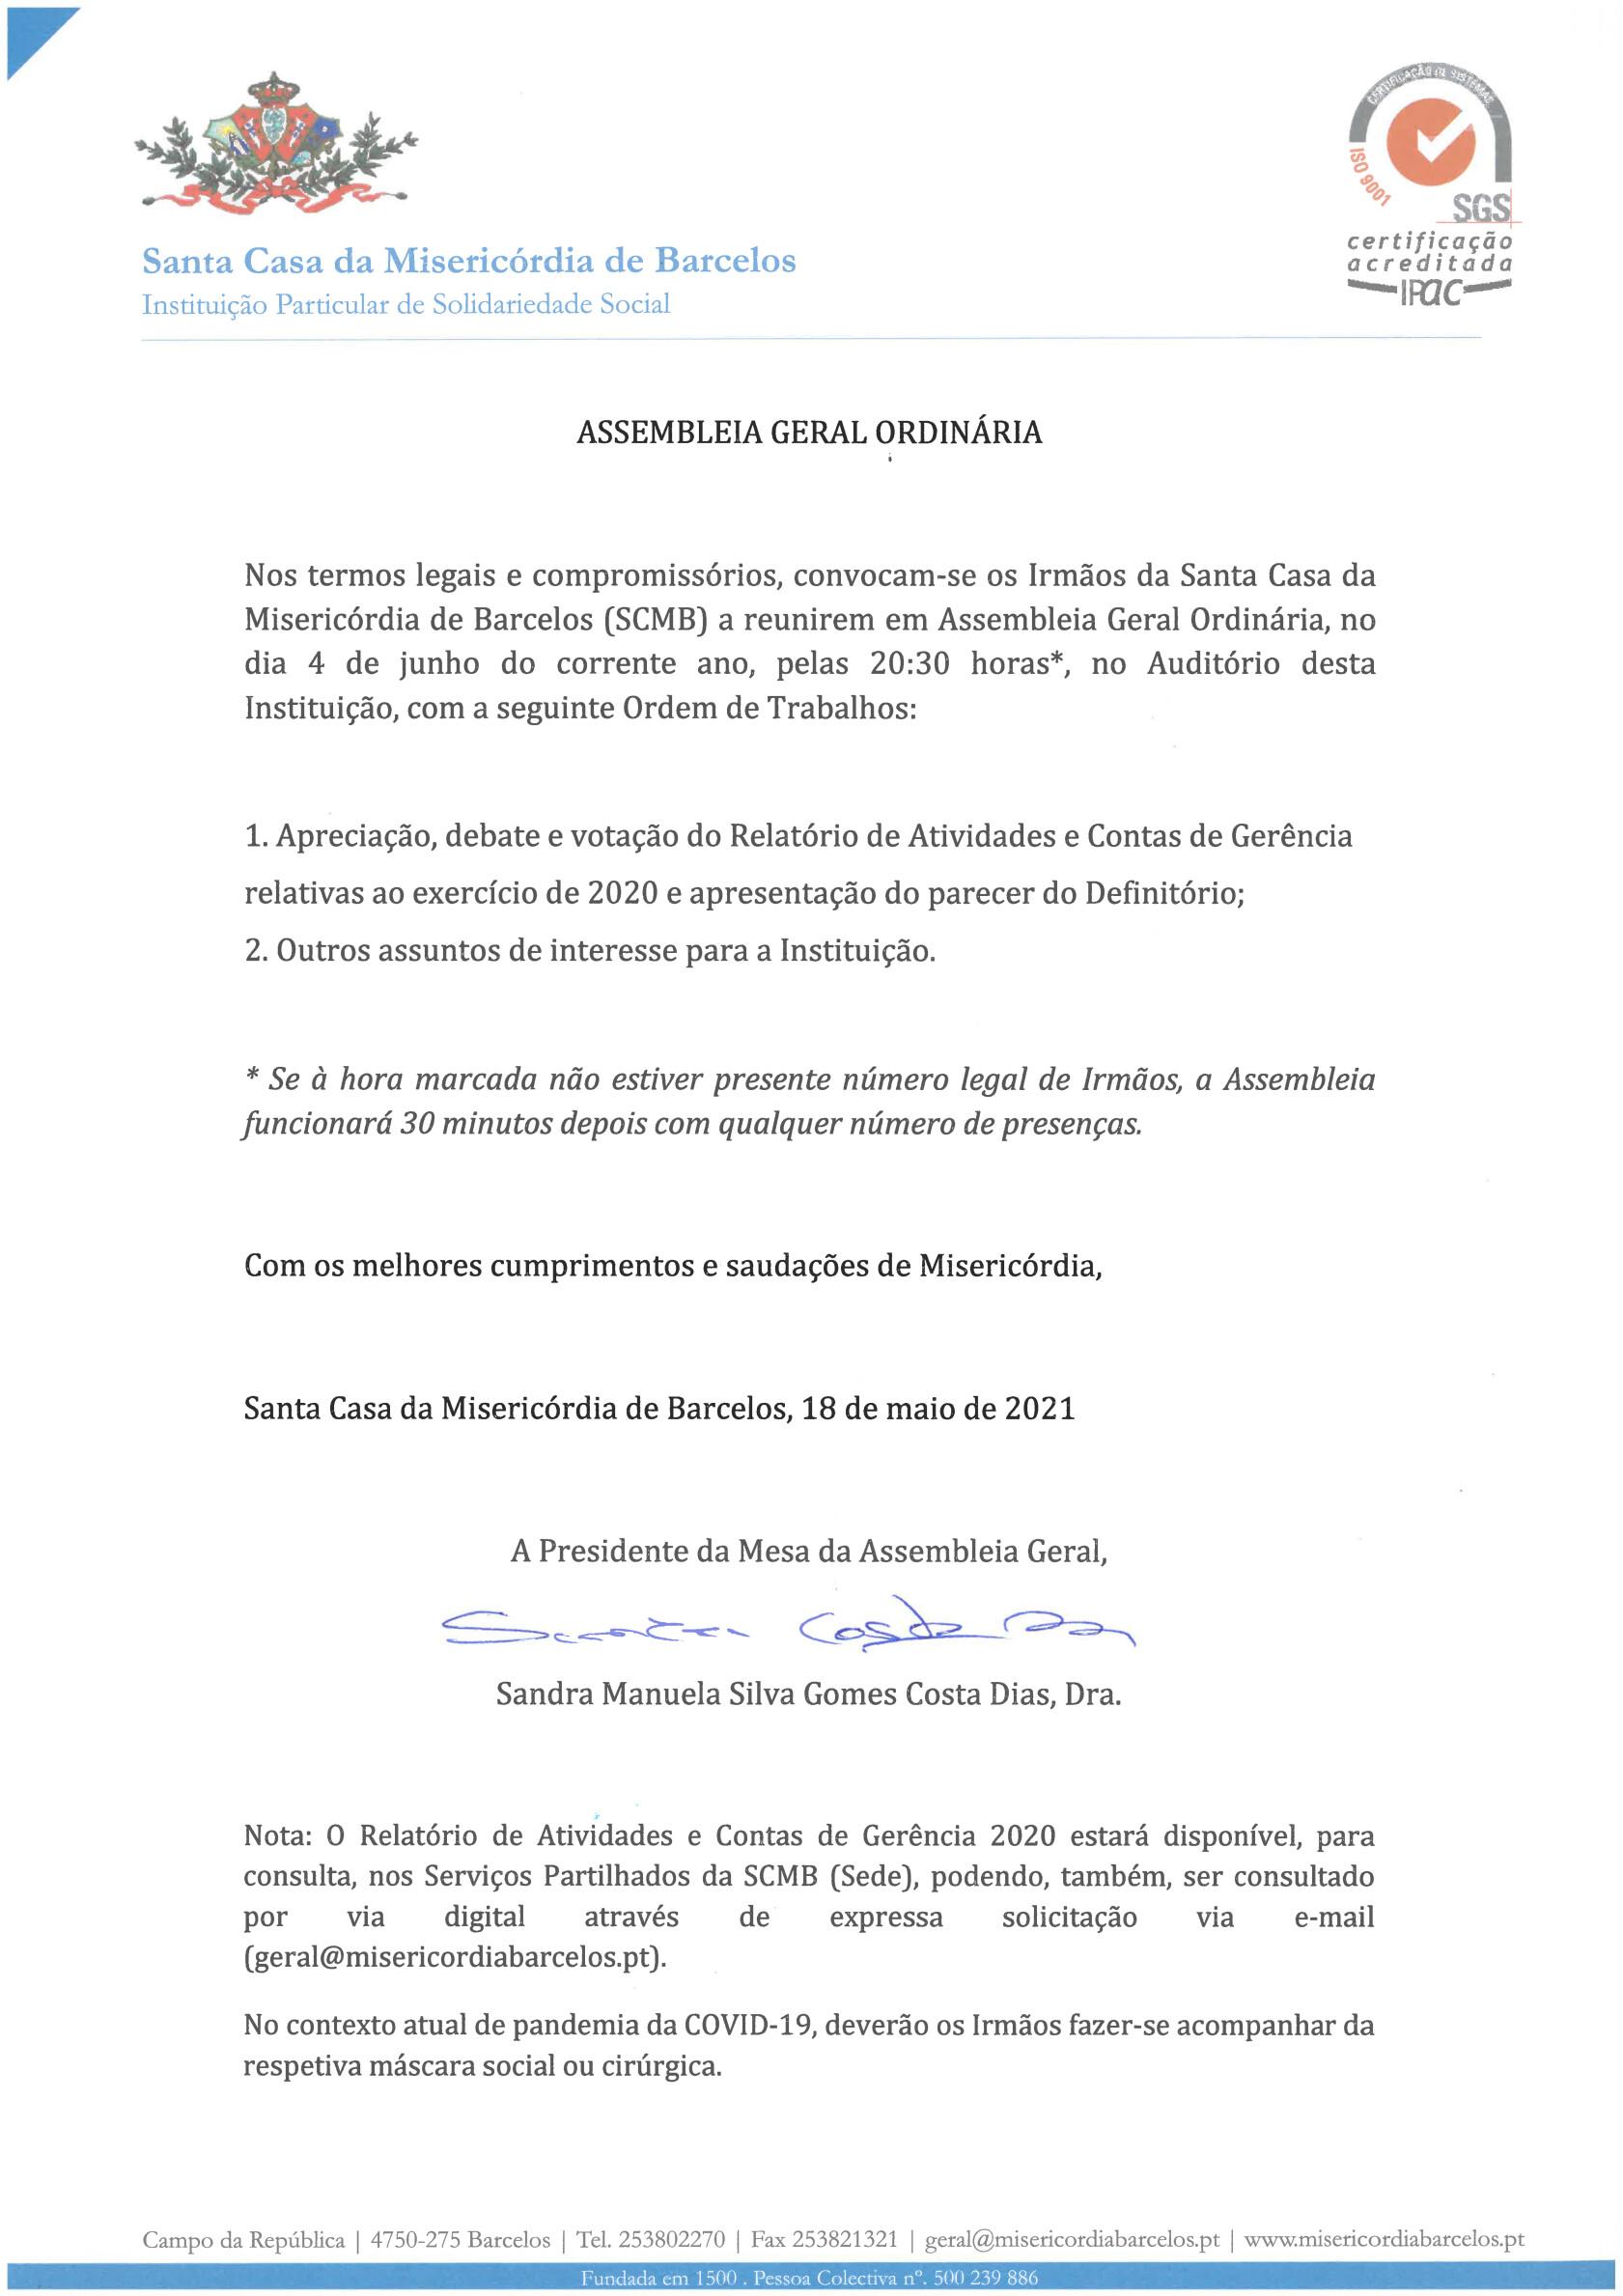 Convocatoria_04062021_Ass.